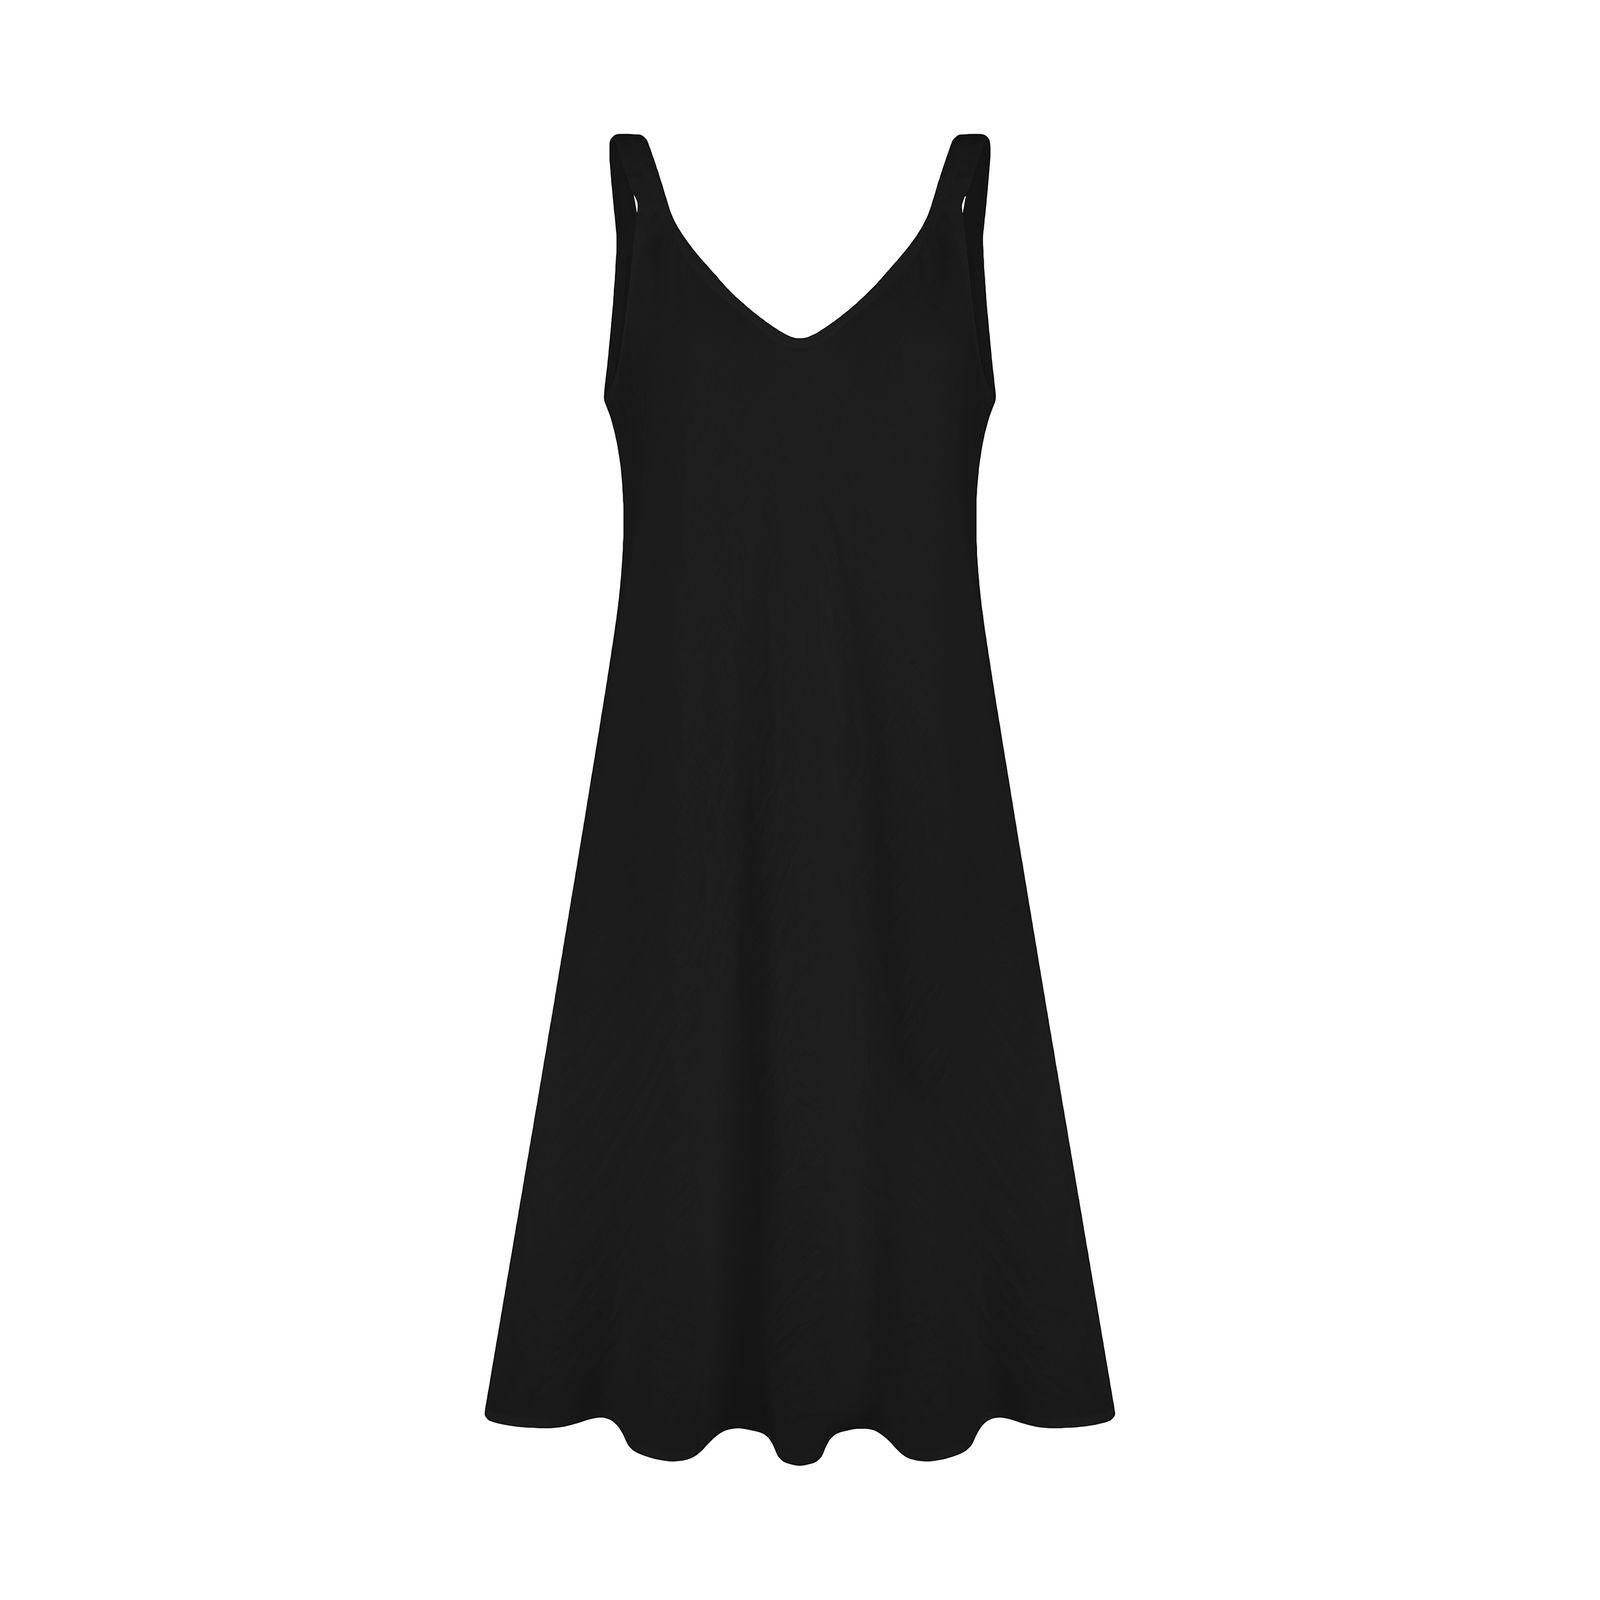 لباس خواب زنانه هیتو استایل مدل D28F230 -  - 1